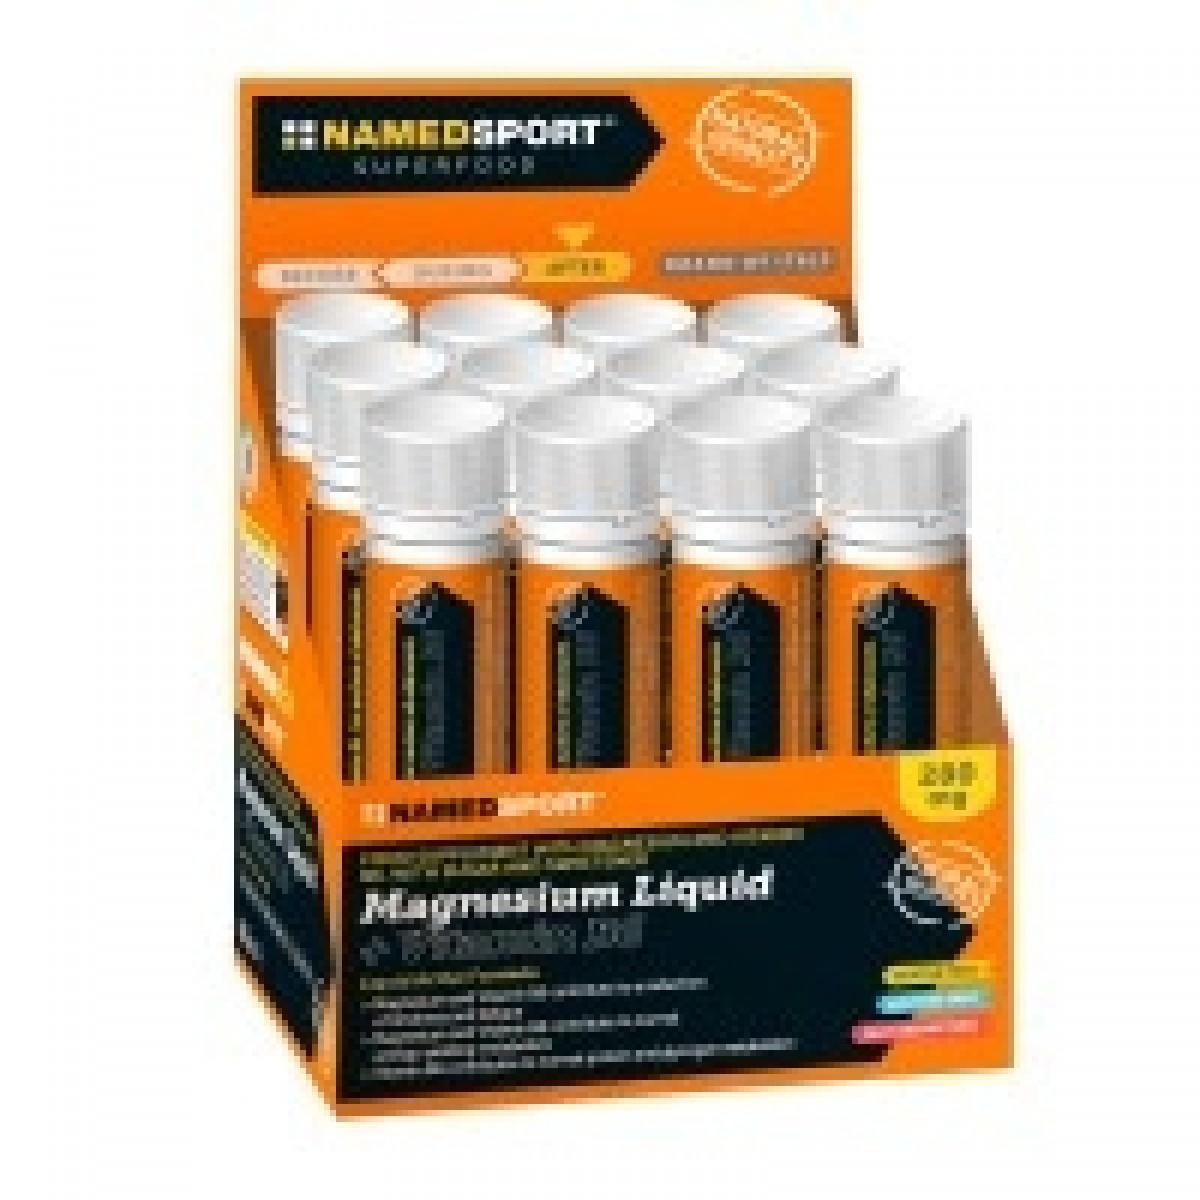 Magnesio Solgar a 11,37 € | Trovaprezzi.it > Integratori e ...